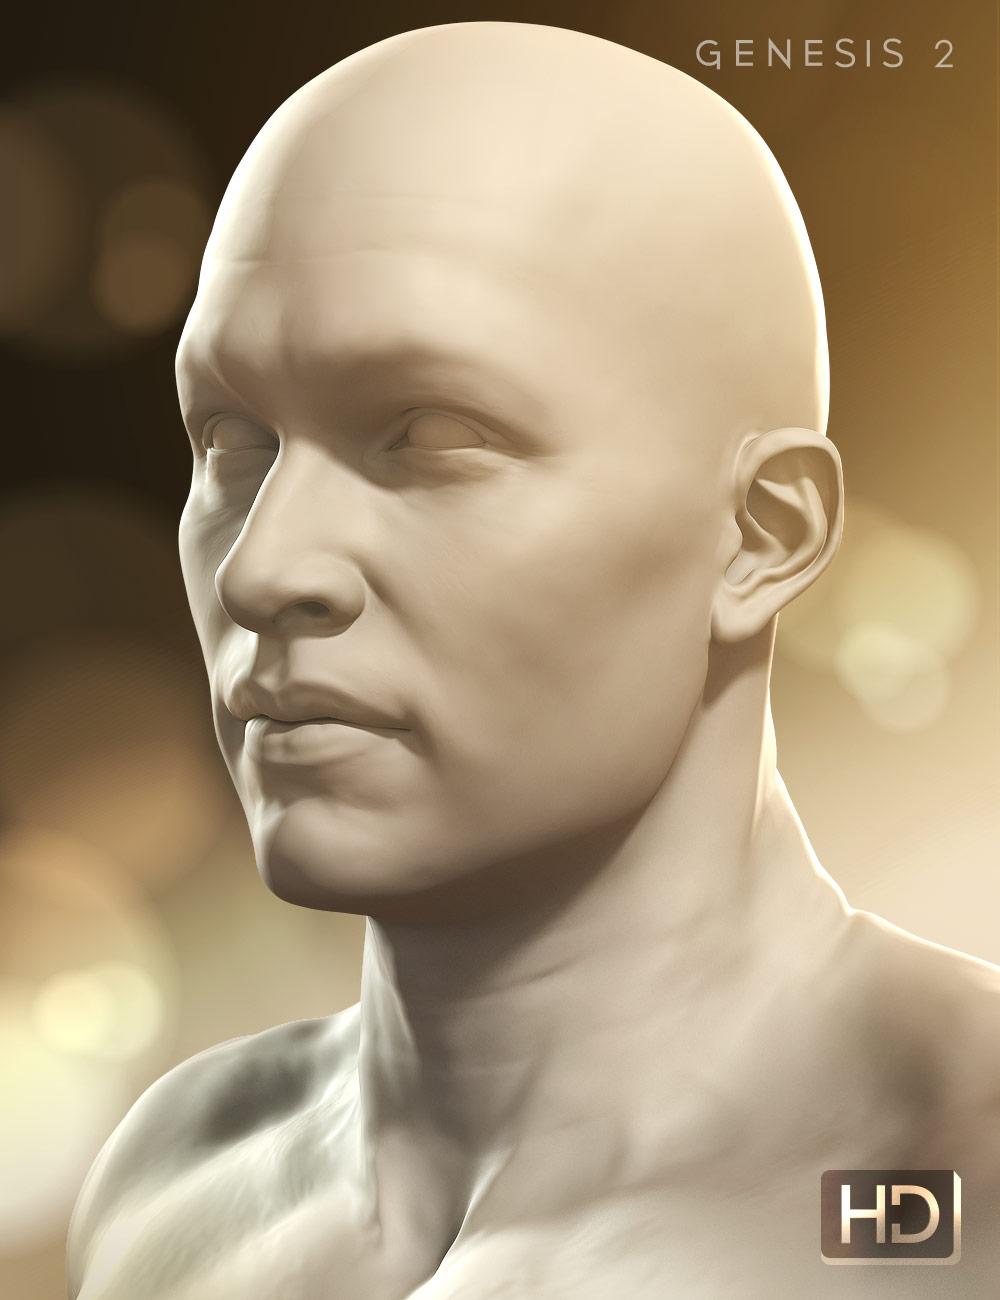 Gianni 6 HD Add-On by: , 3D Models by Daz 3D